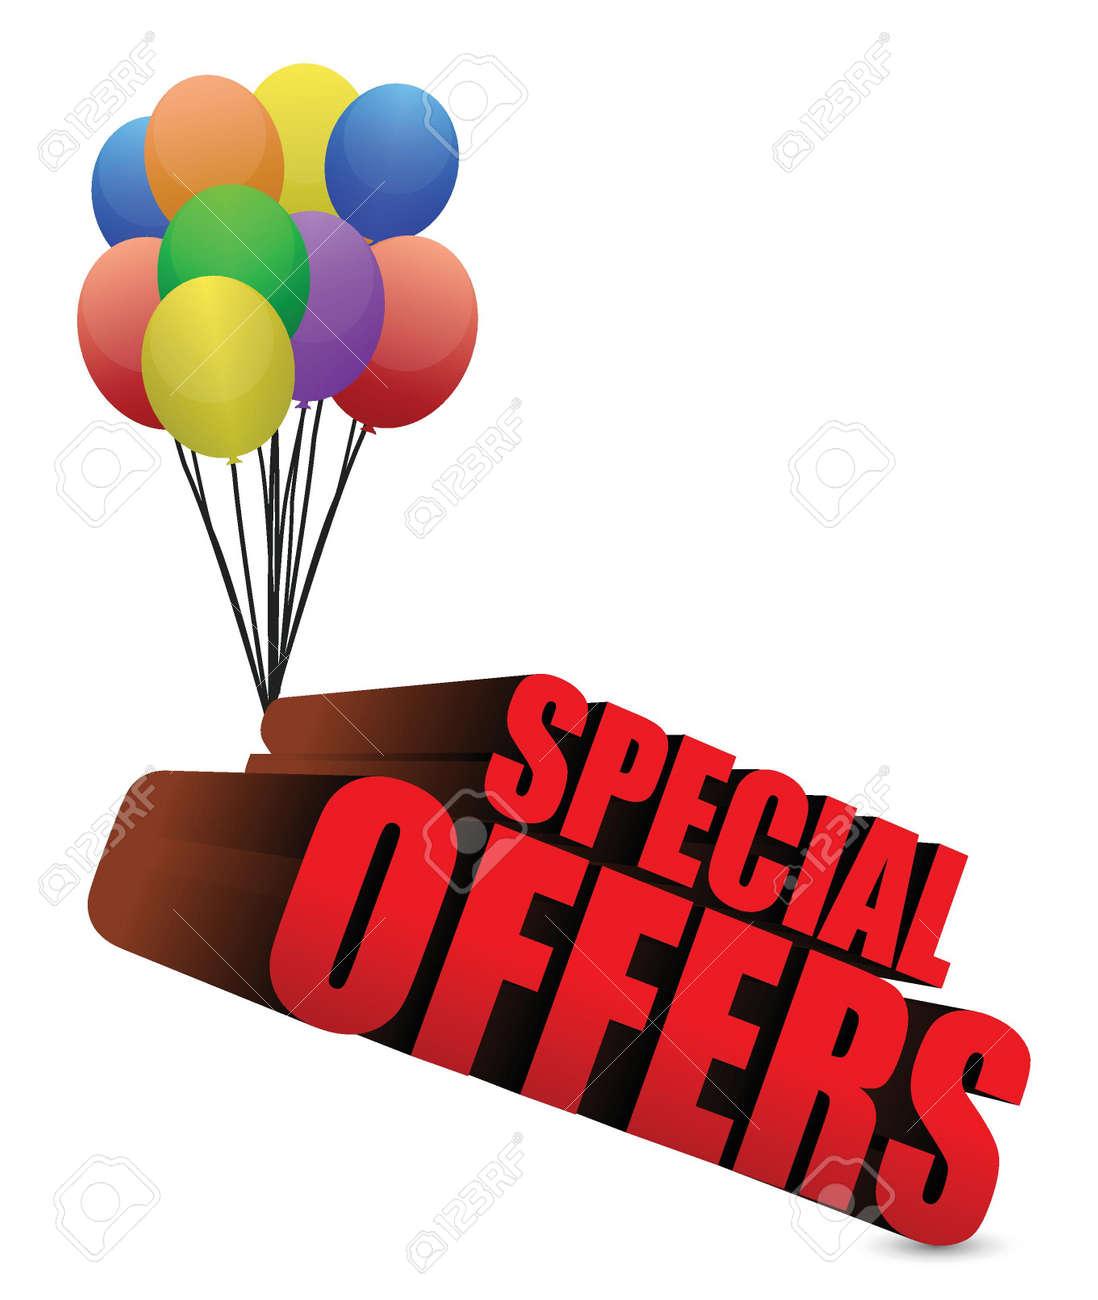 Ofertas especiales signo 3d con ilustración globos coloridos